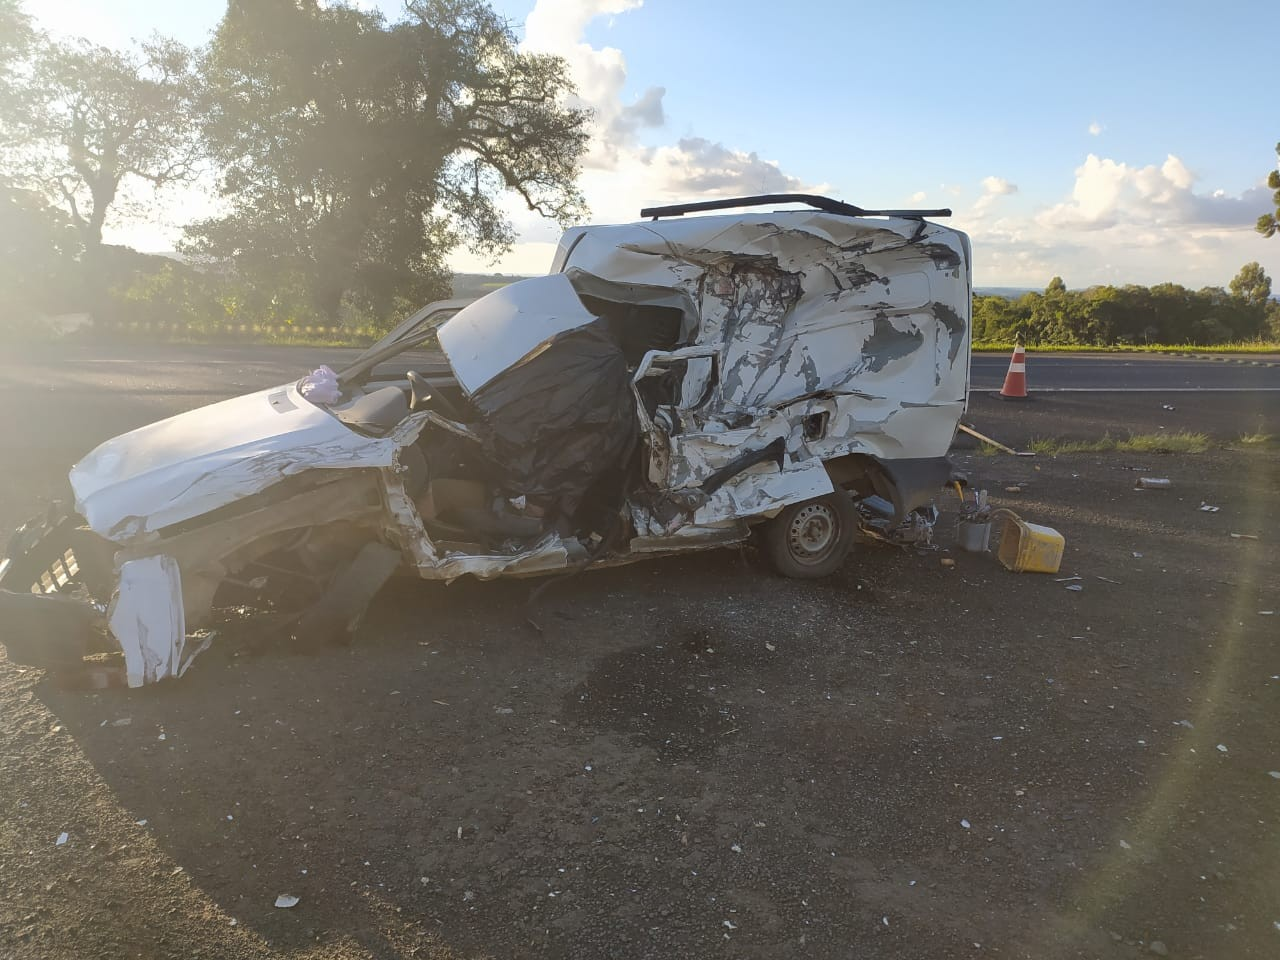 Motorista morre em acidente entre caminhão e carro na BR-373, diz polícia